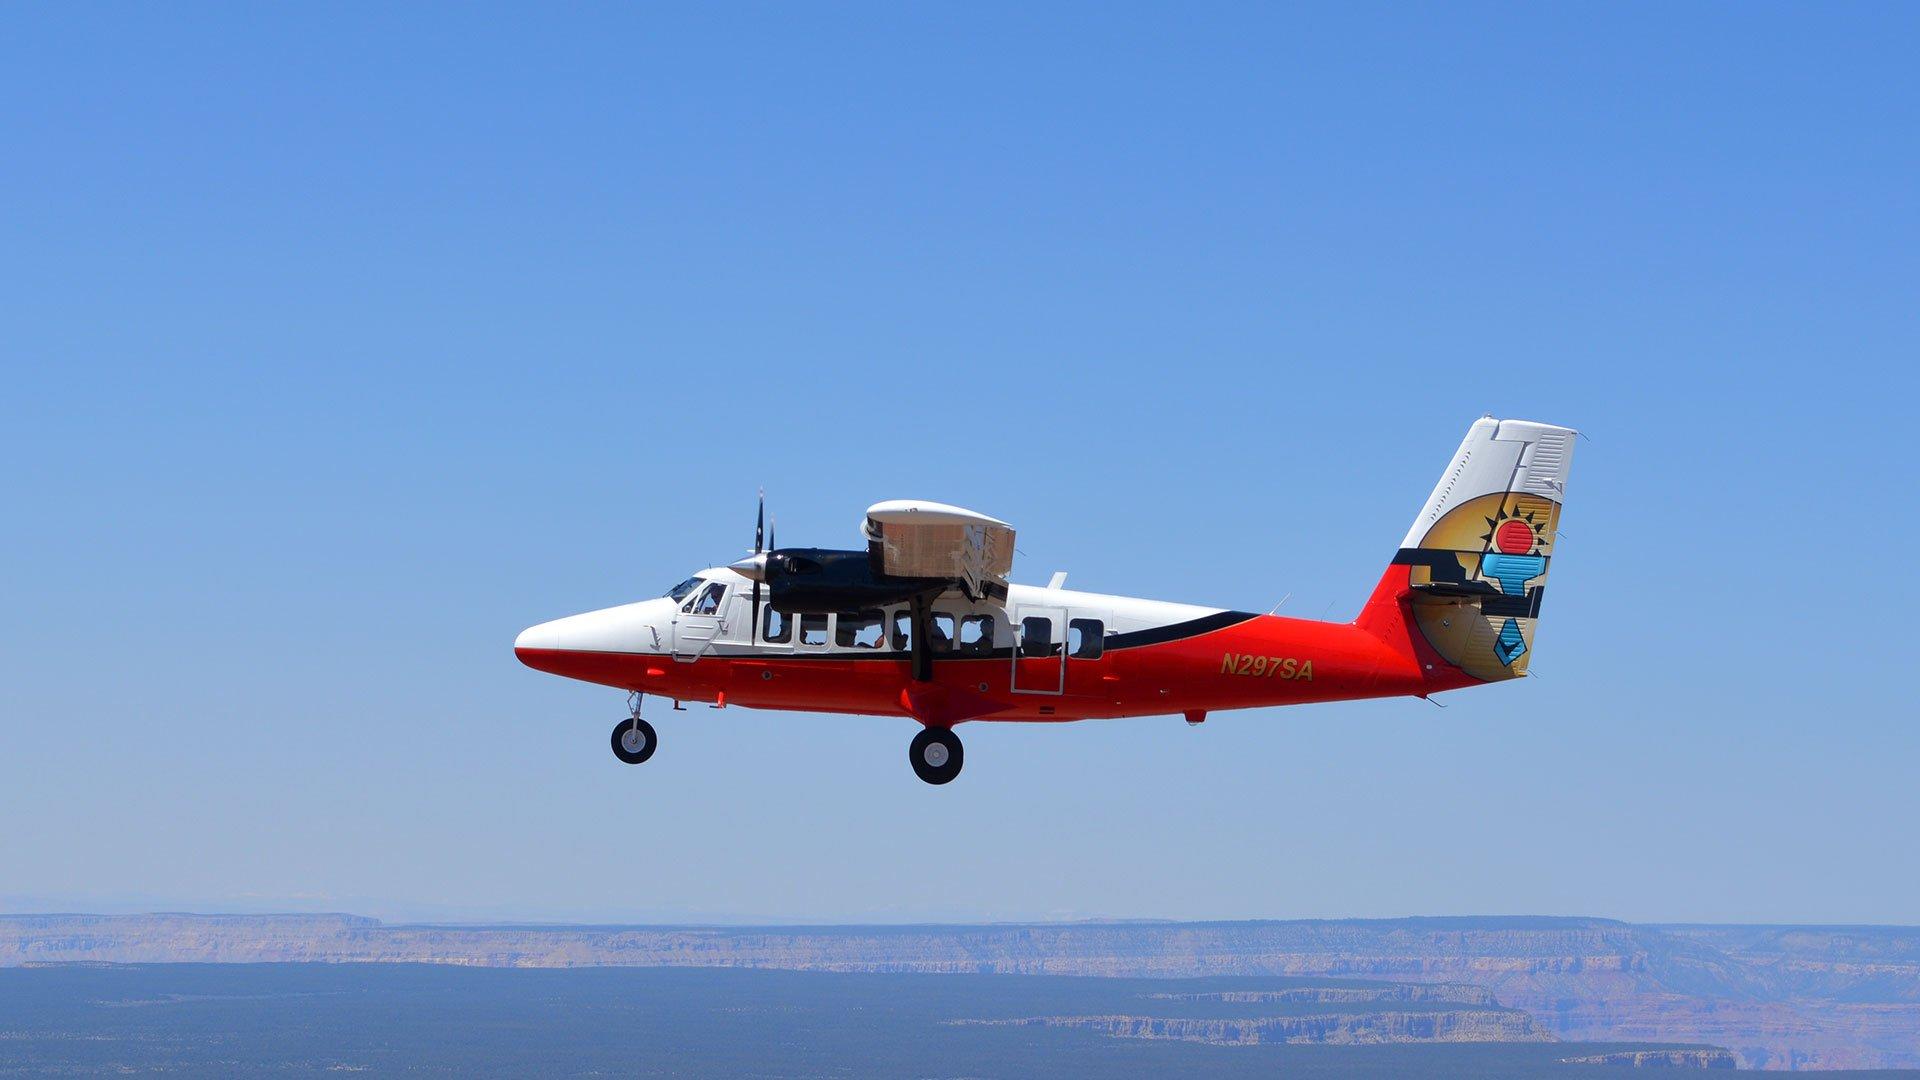 Twin Otter plane in flight